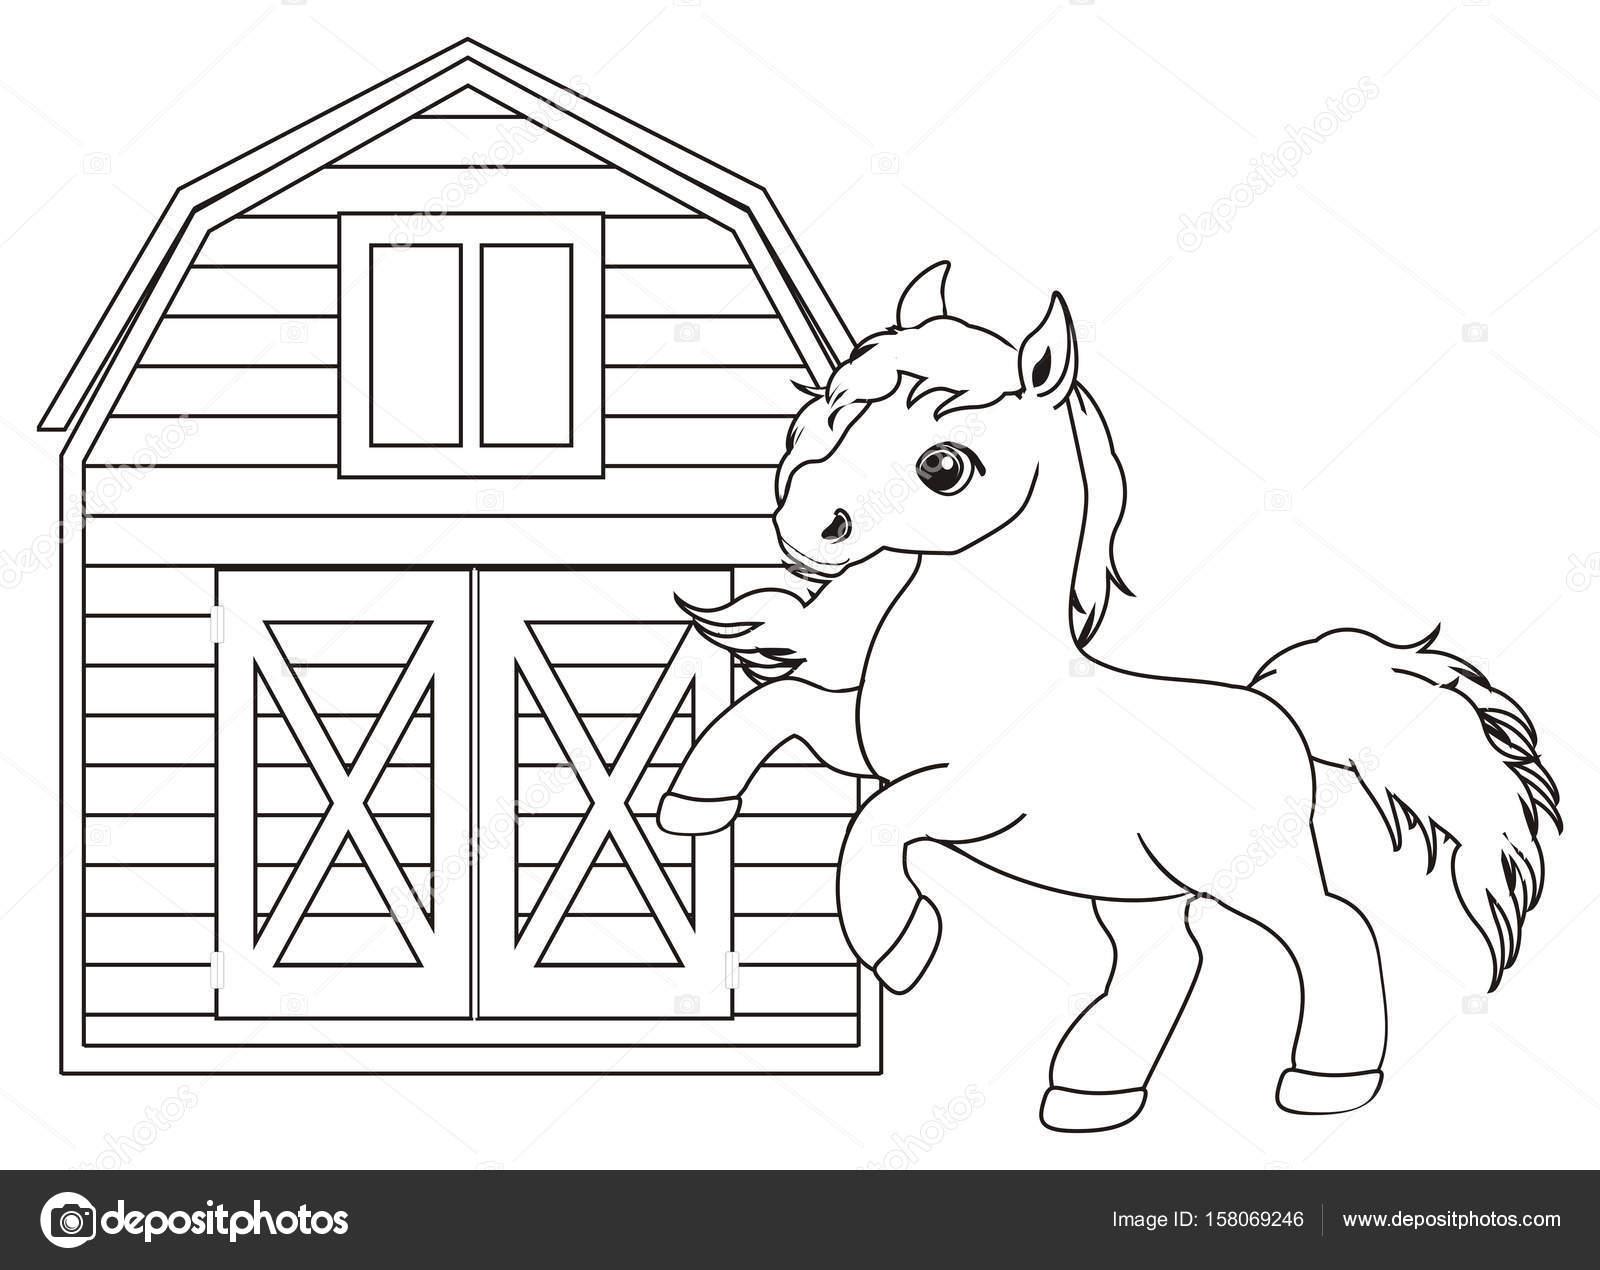 Disegni Da Colorare Cavallo Carino Piccolo Foto Stock